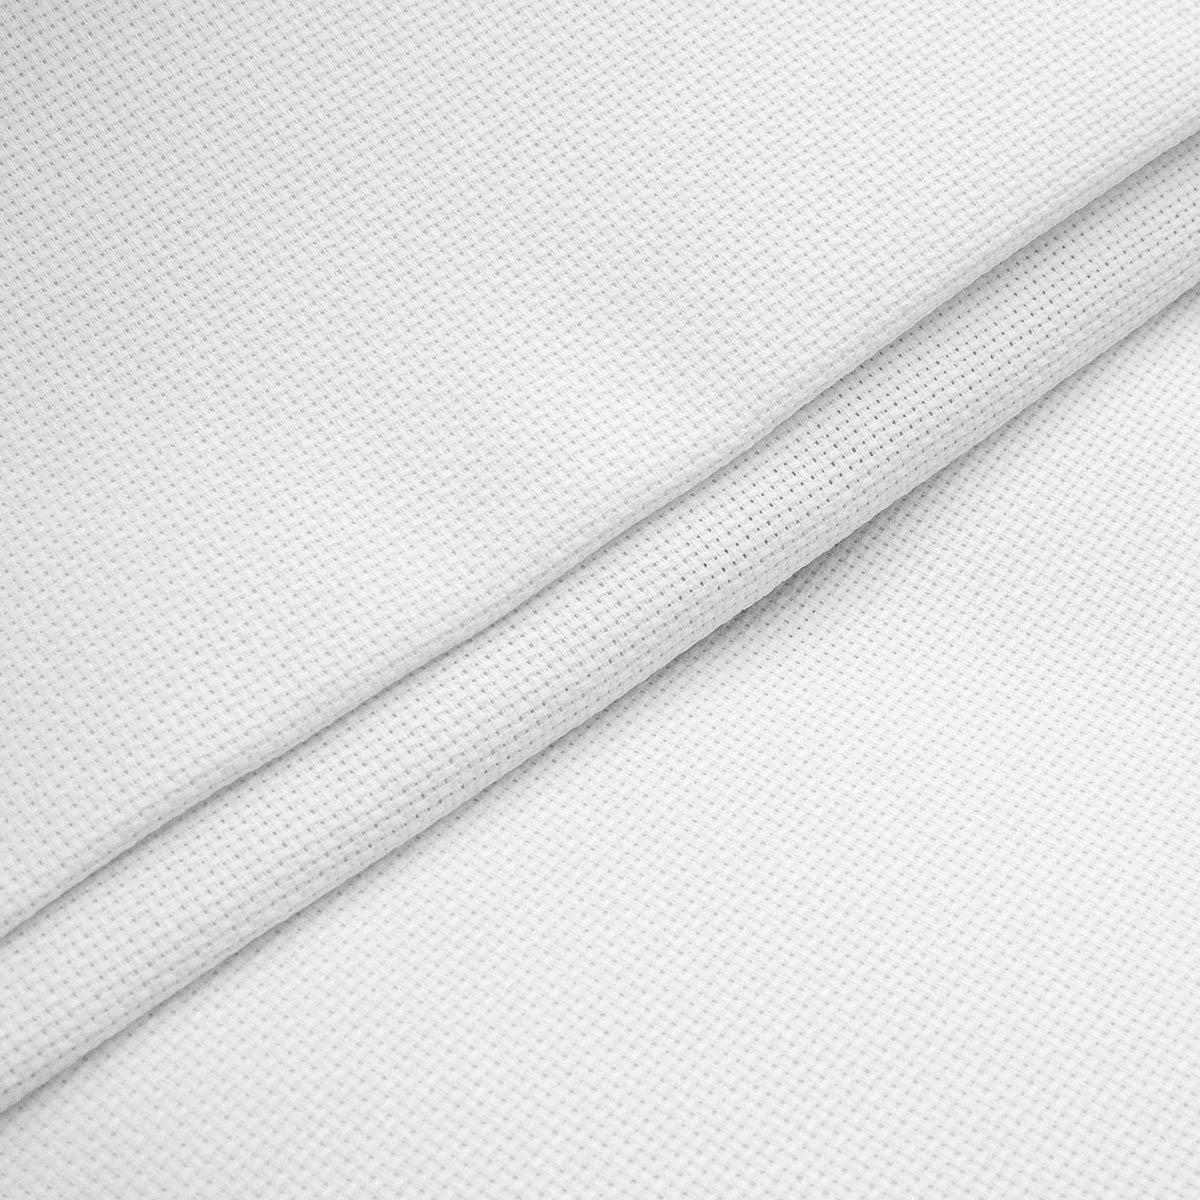 Канва 624010-16C/T 150см*5м белая Bestex